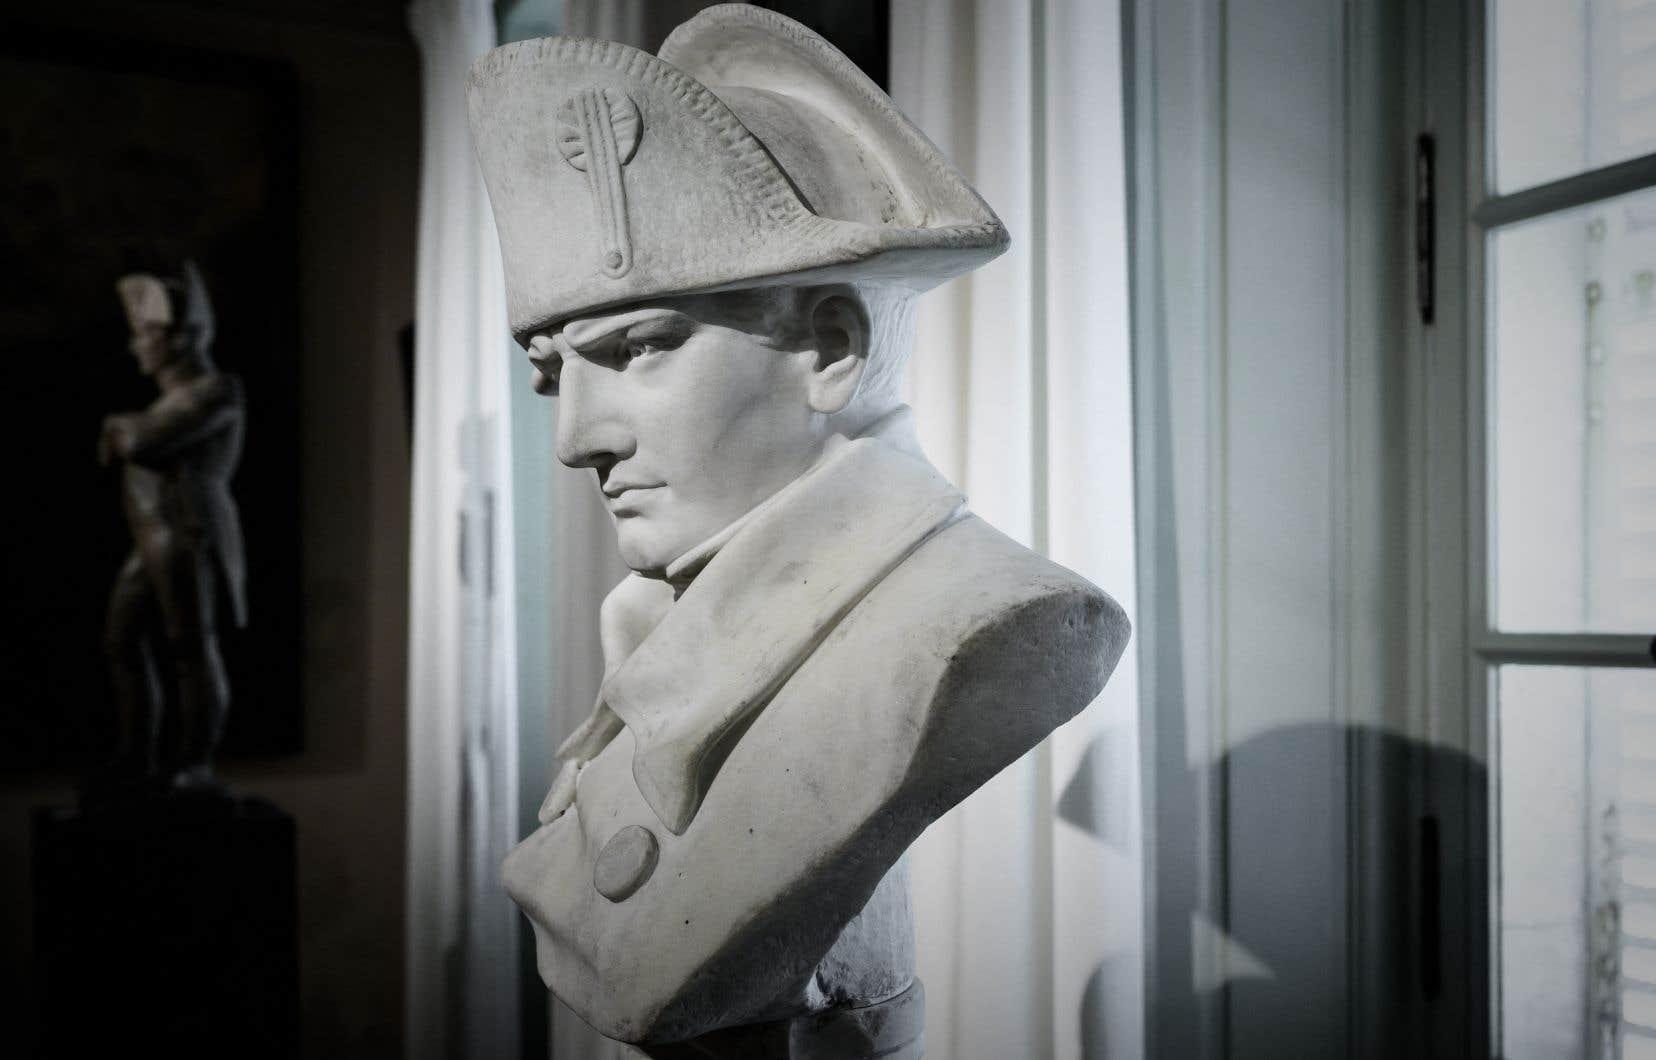 «Napoléon est un personnage complexe et incontournable de l'histoire de la France», écrit l'auteur.